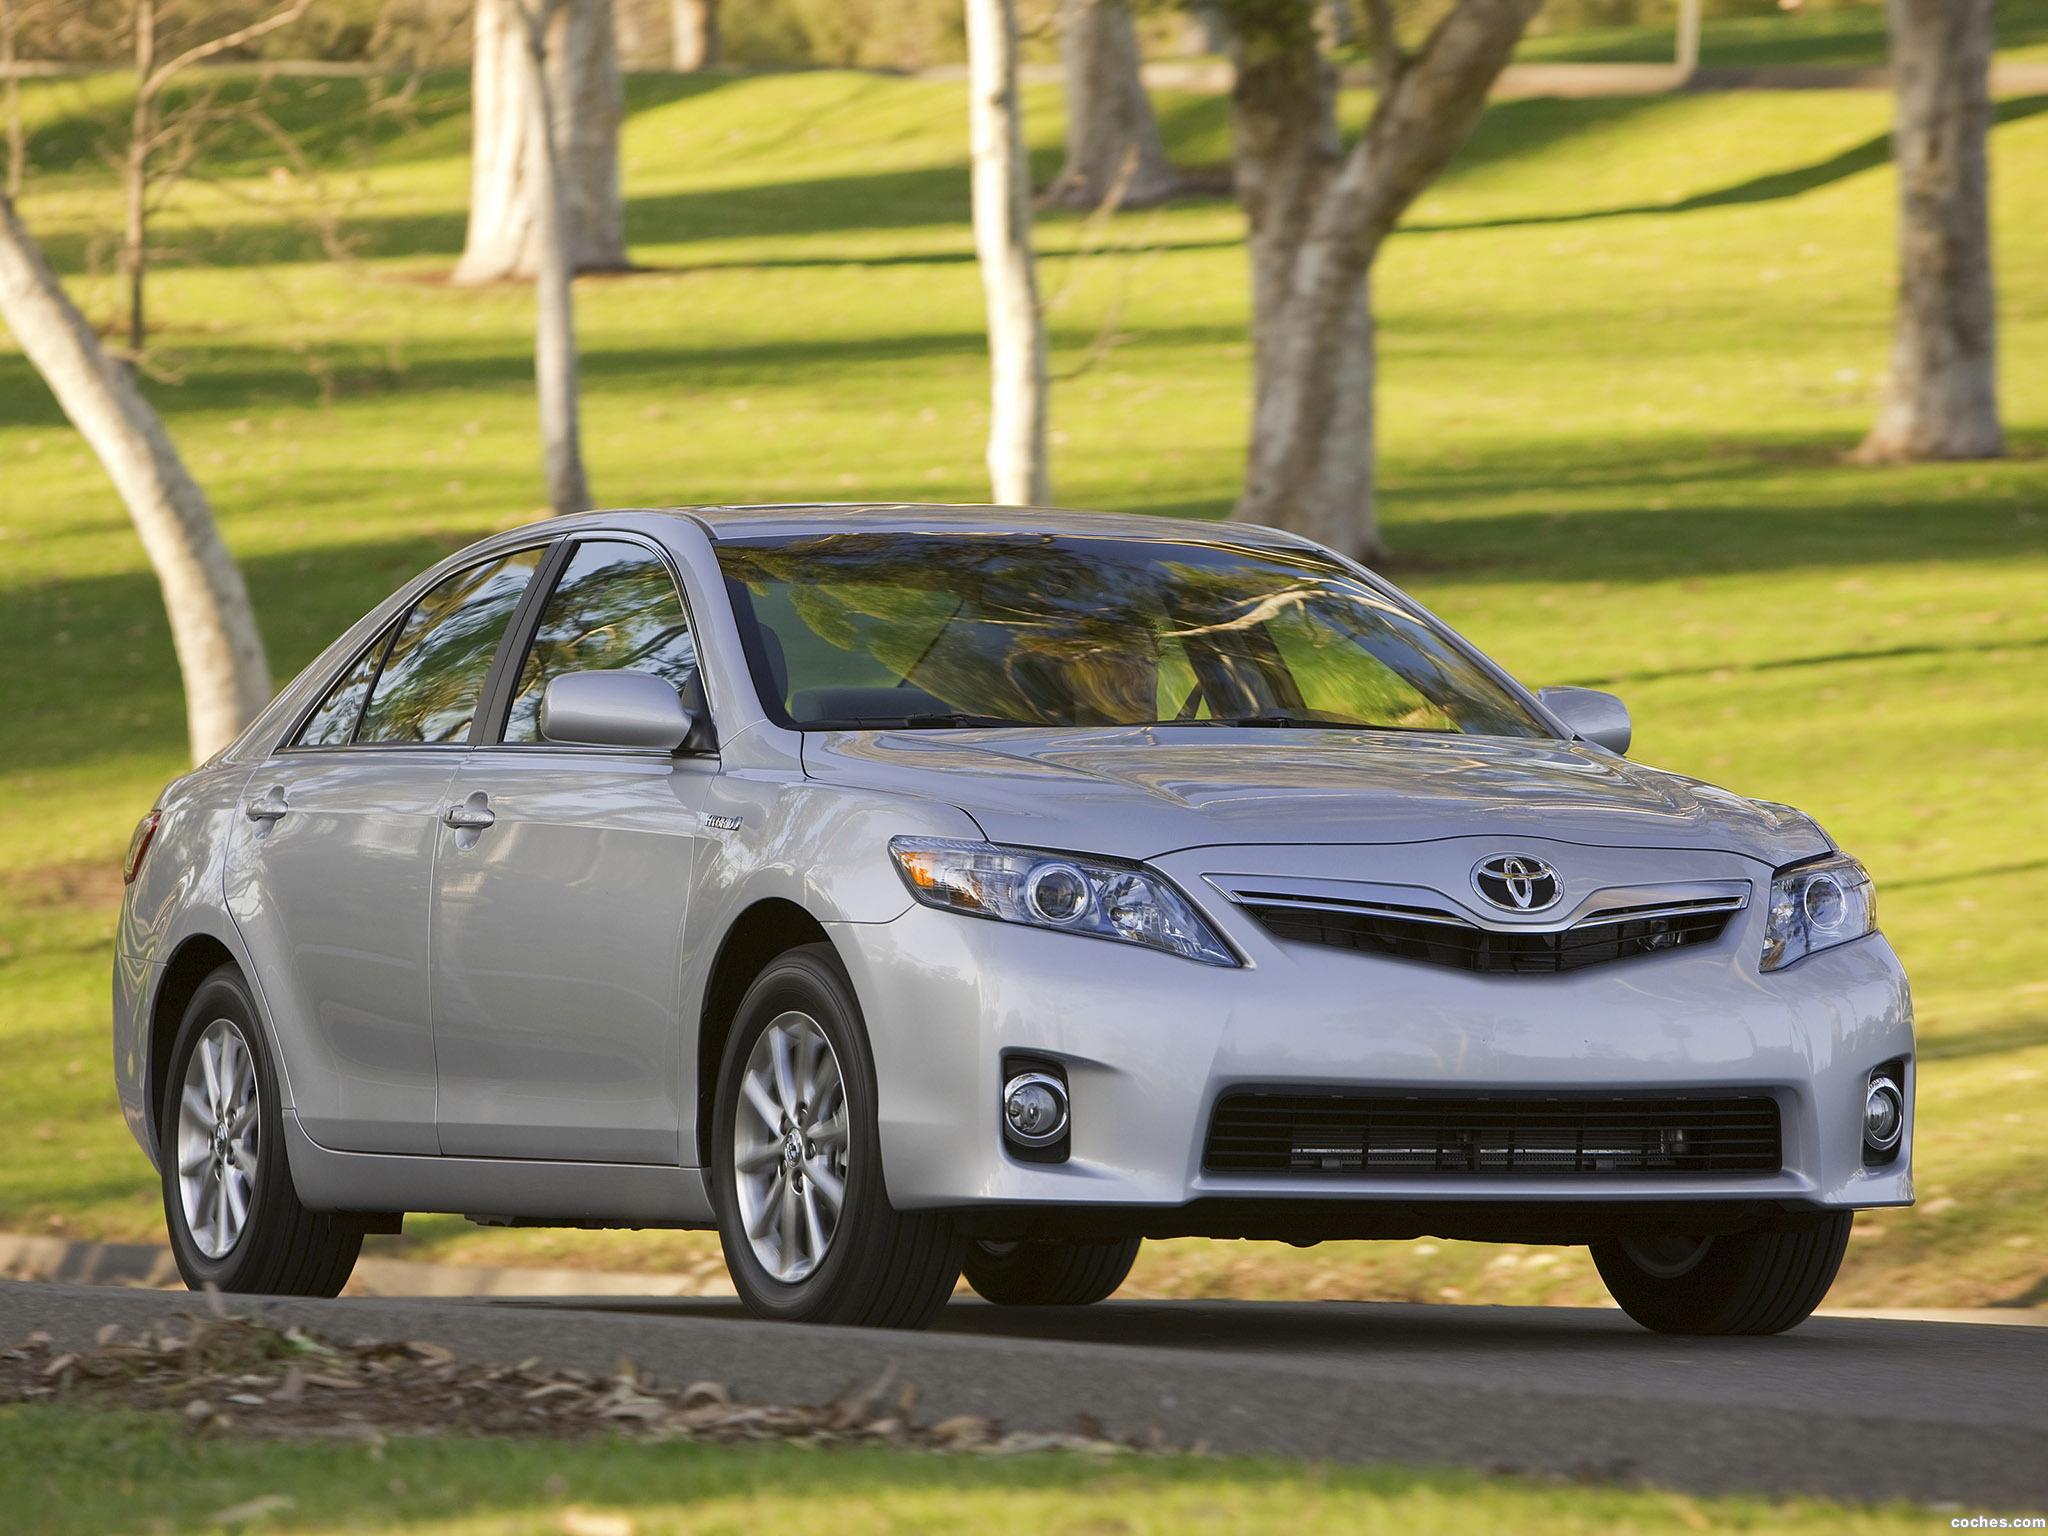 Foto 0 de Toyota Camry Hybrid 2009